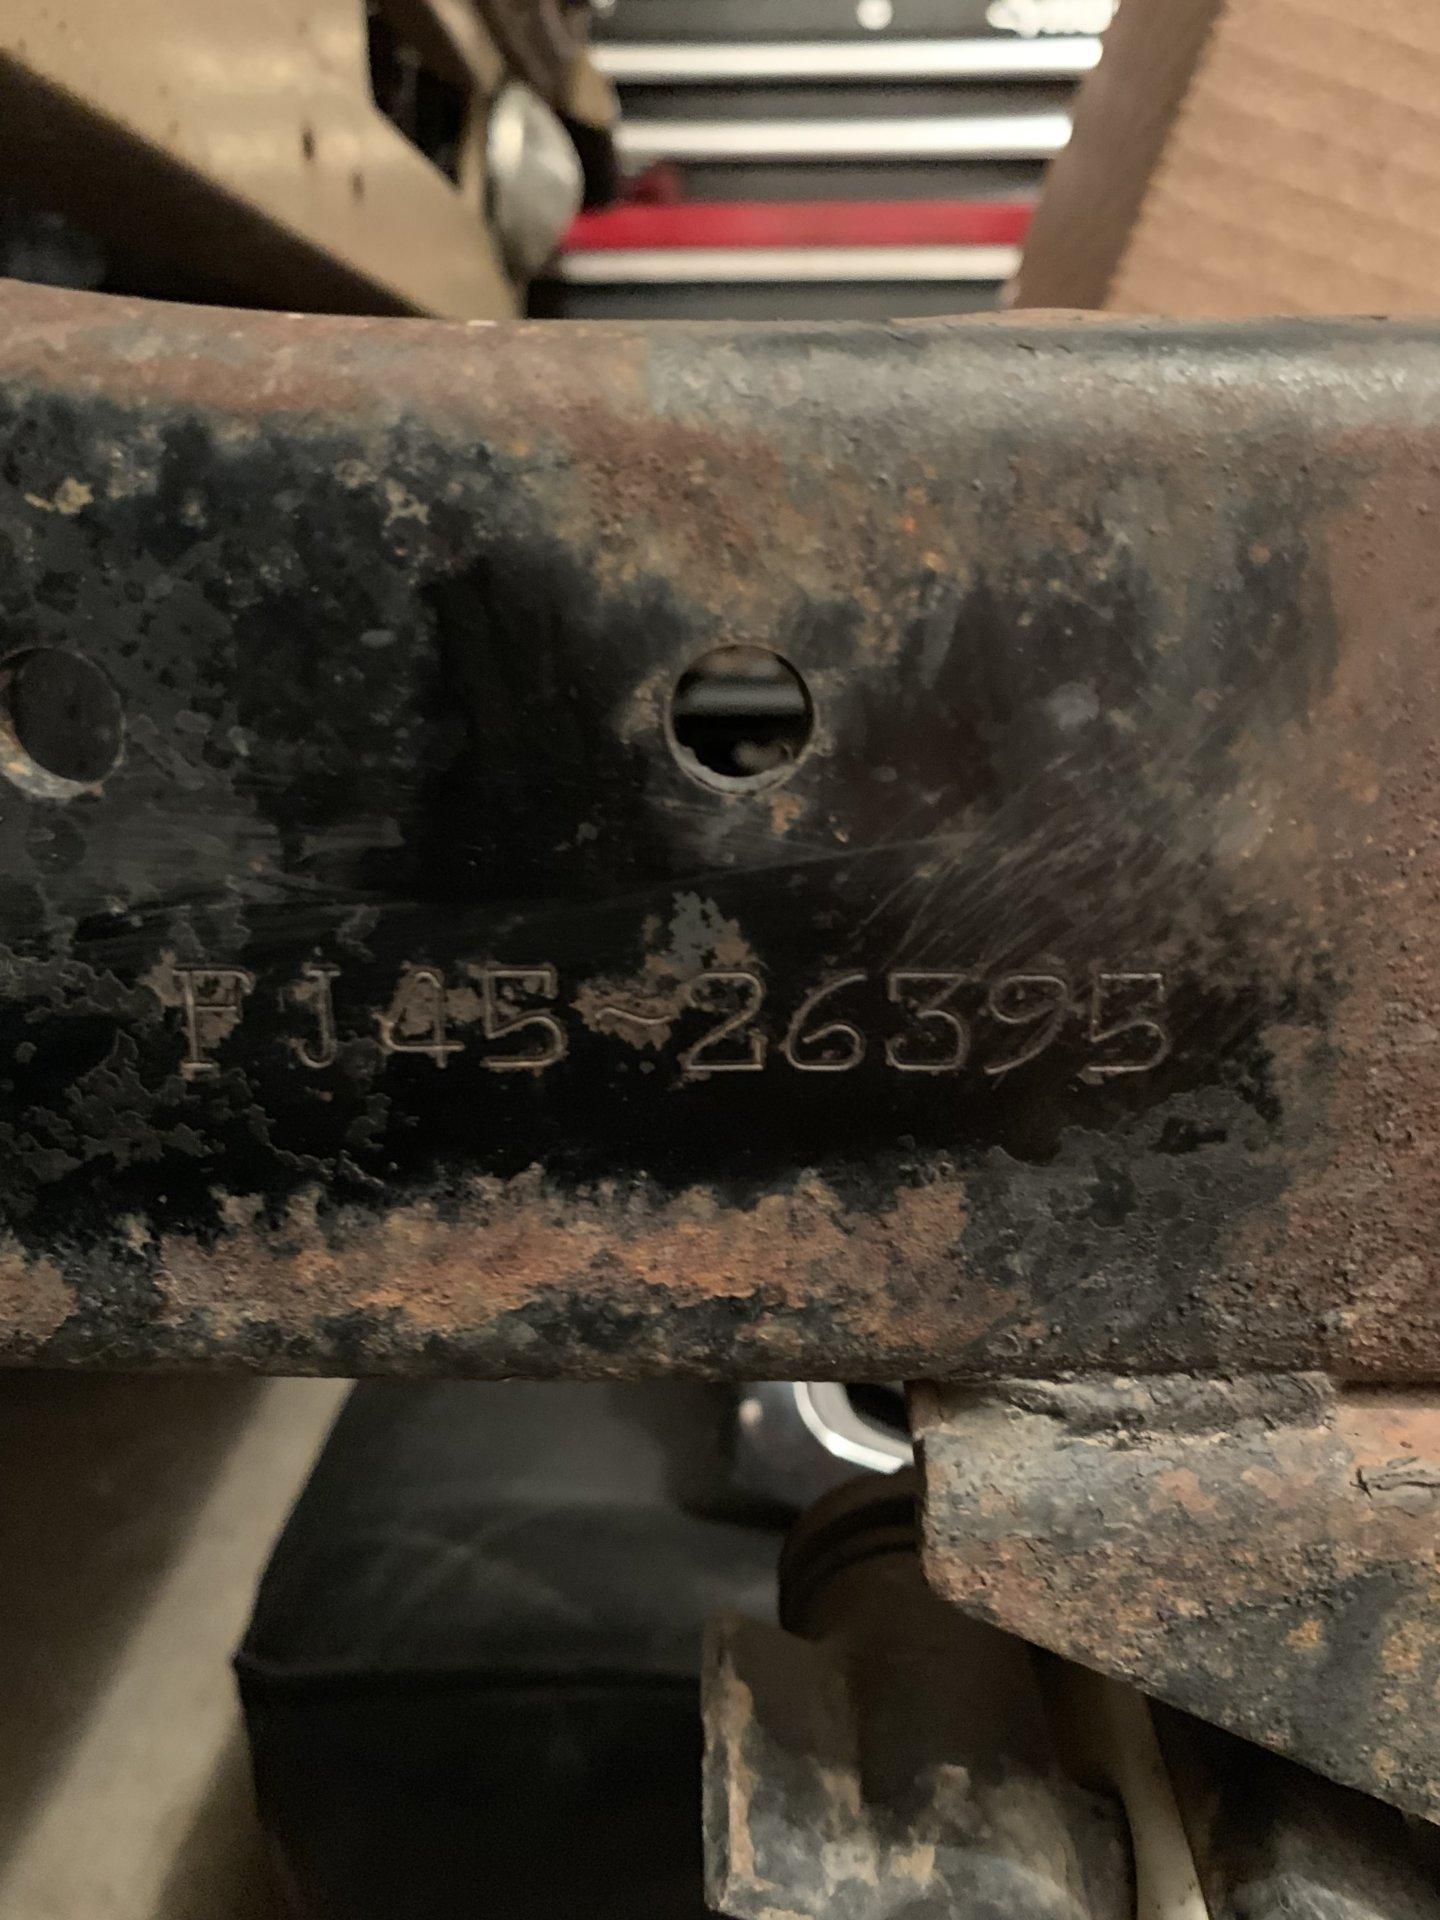 95BAC137-7B16-496A-AD18-AAF6397B8B59.jpeg